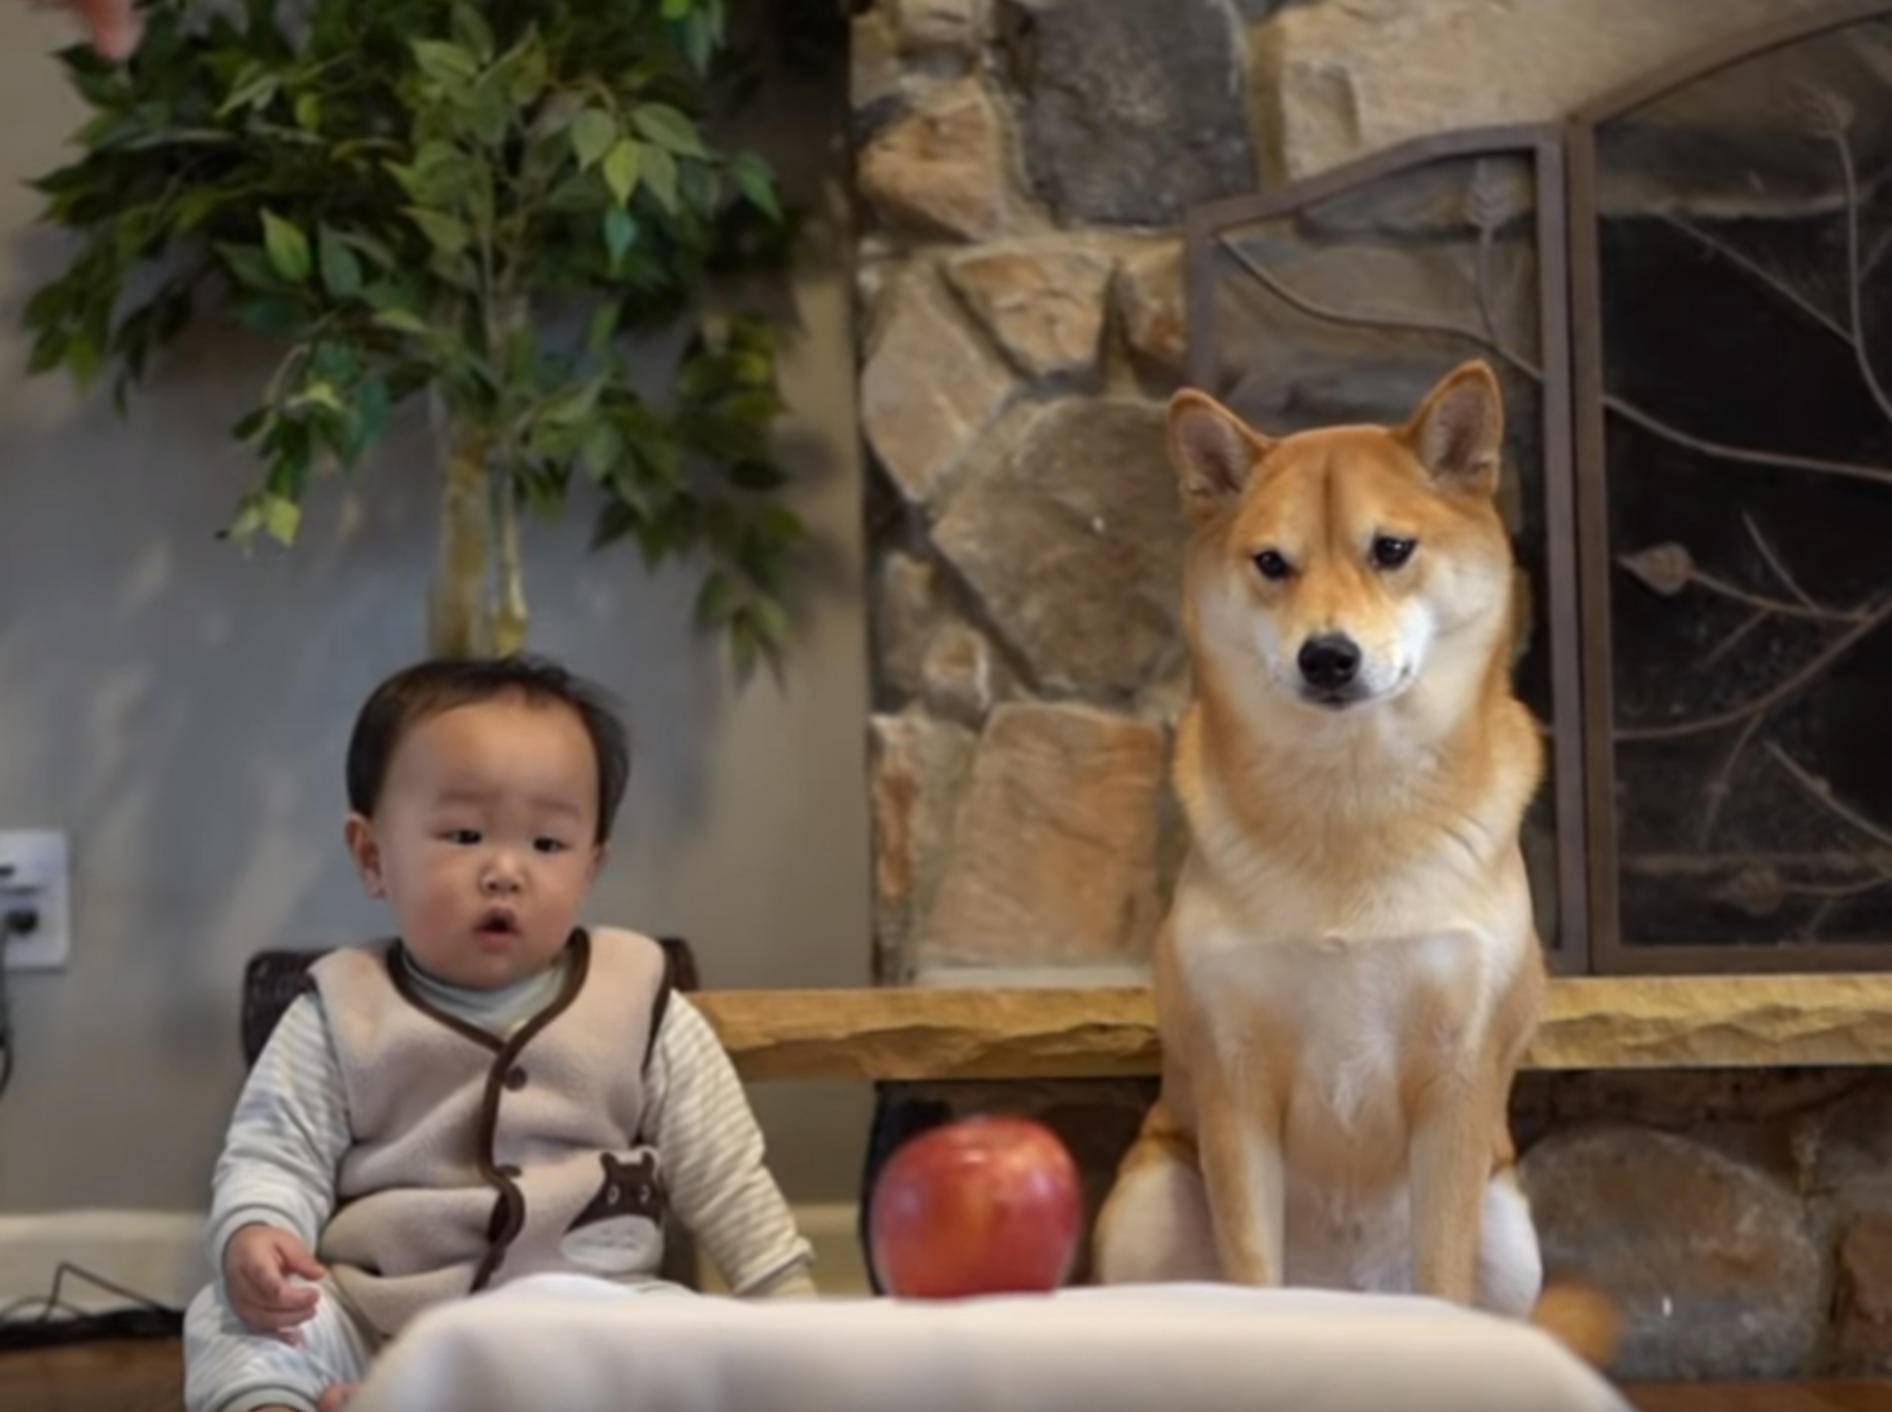 Wer kann sich mehr in Geduld üben? - Bild: YouTube / Haru the Shiba Inu